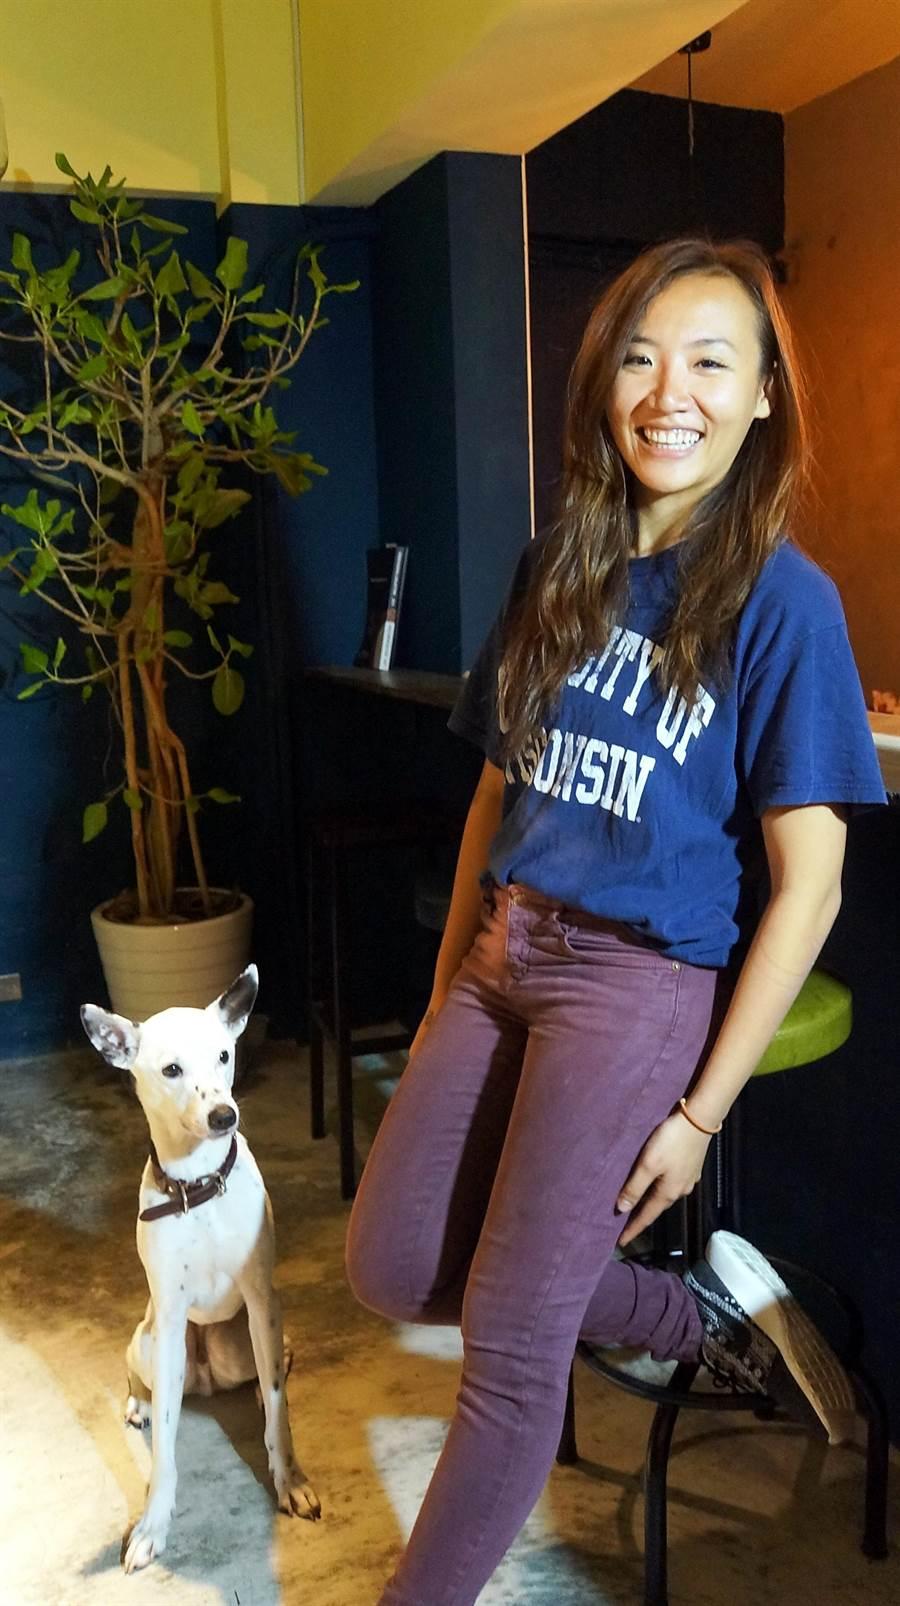 7年5班的Vivian張雅倫創業開蔬食泰菜餐廳〈Green Room〉,客人並可帶竉物入內。(圖/姚舜攝)